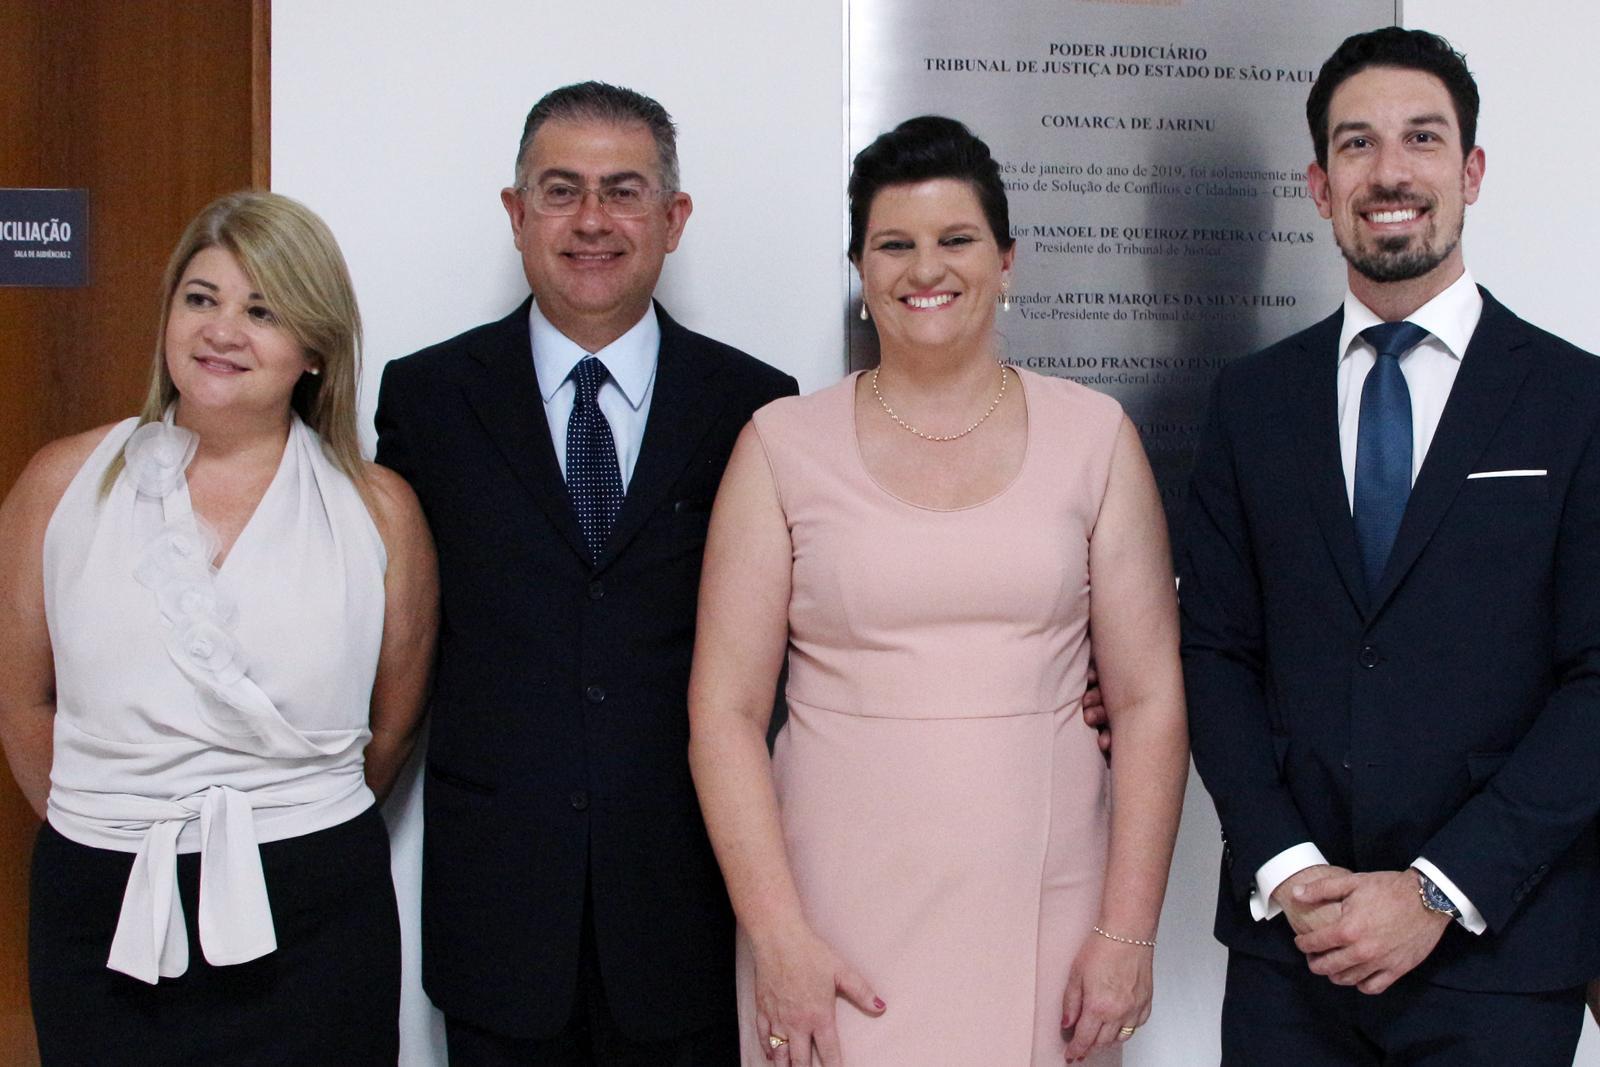 Cejusc é inaugurado em Jarinu